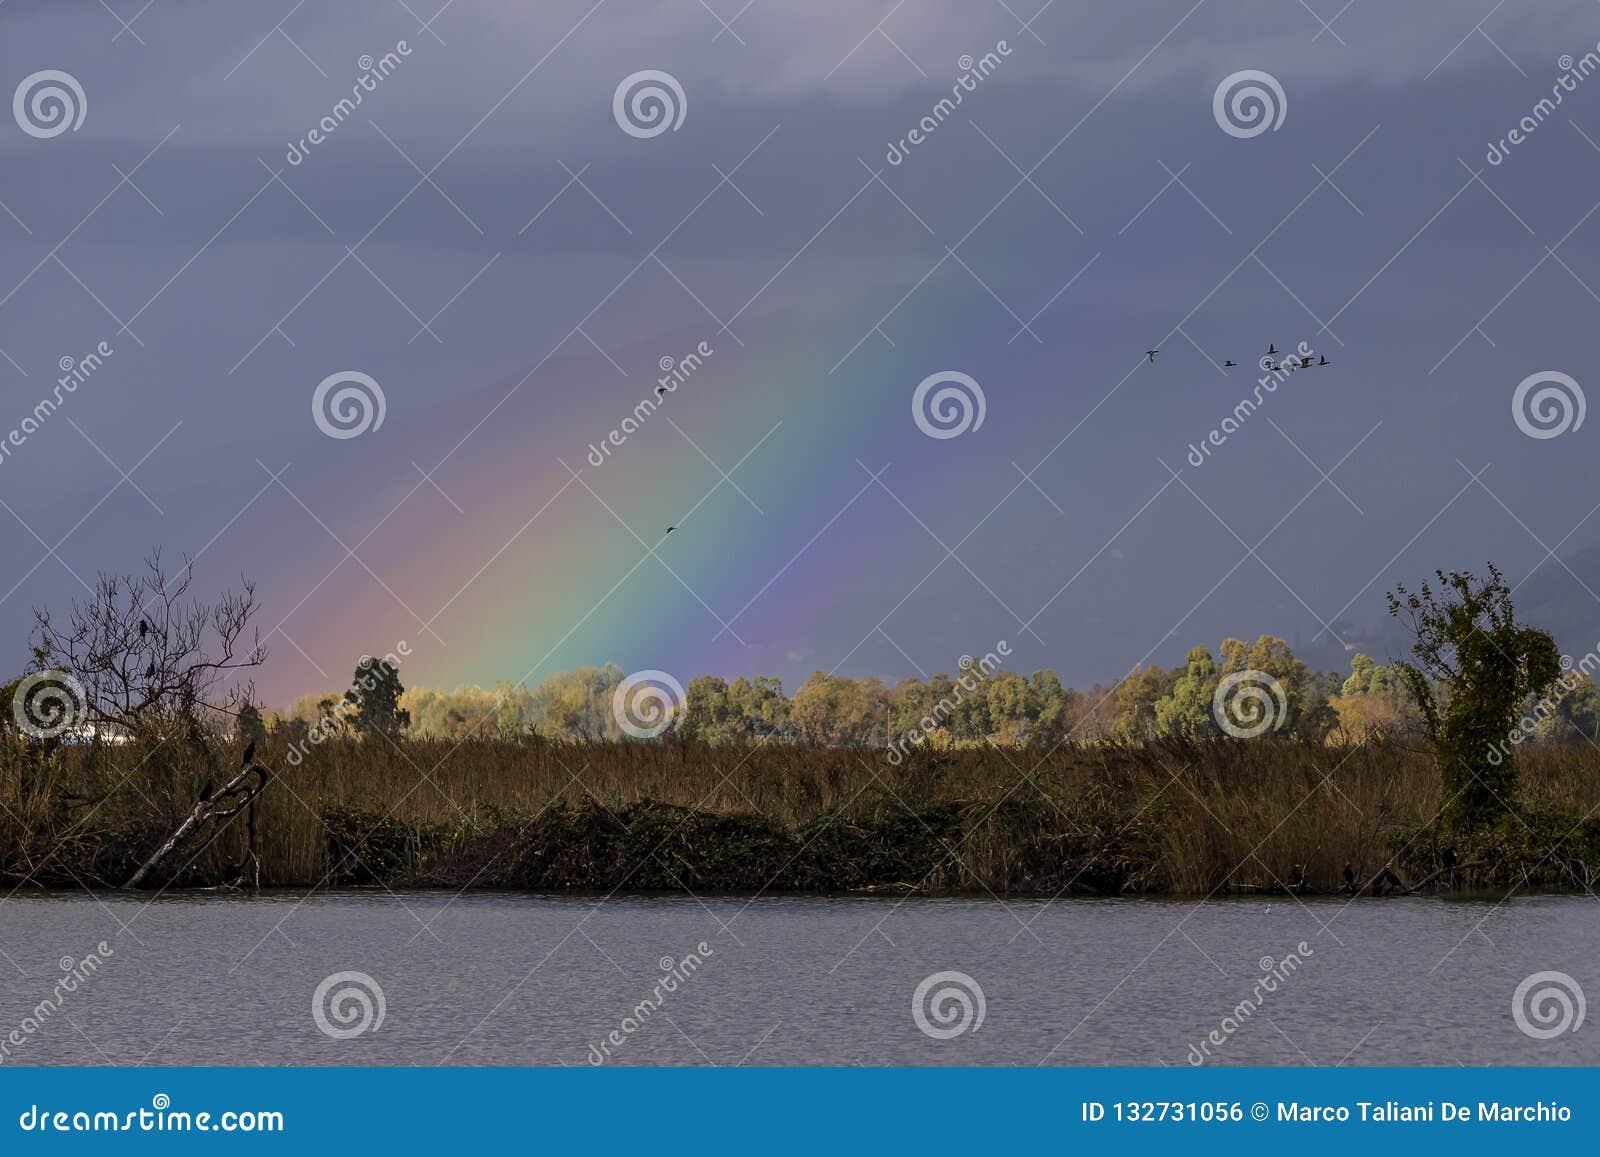 Стада птиц летают в небо загоренное красивой радугой, озером Massaciuccoli, Тосканой, Италией